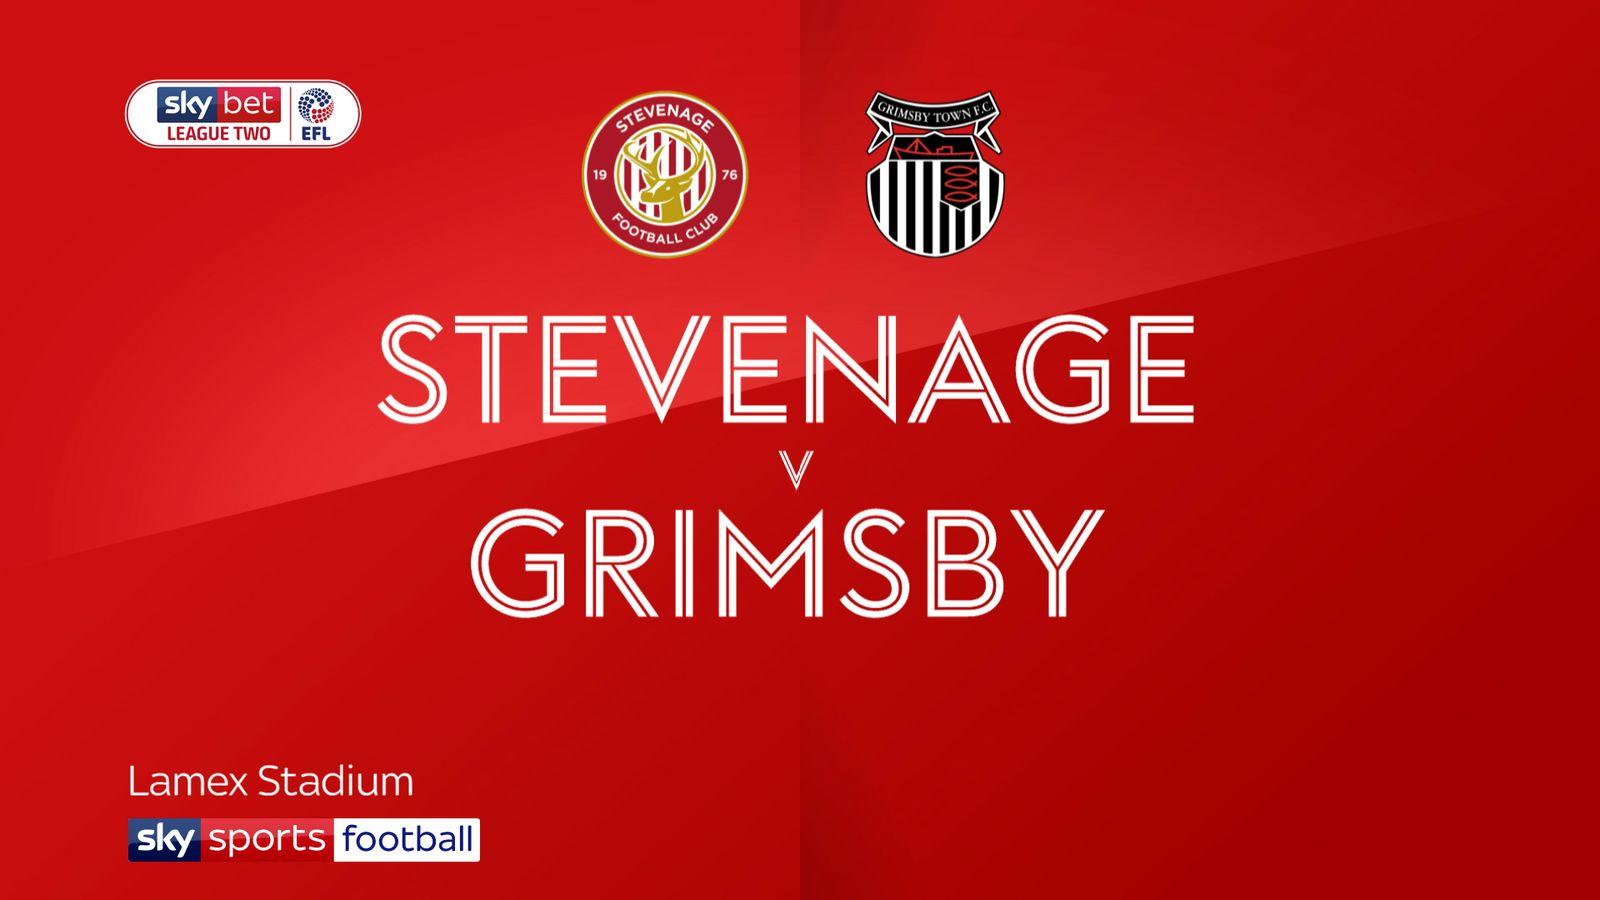 Stevenage 2-1 Grimsby: Mark Sampson's Boro record first win of the season